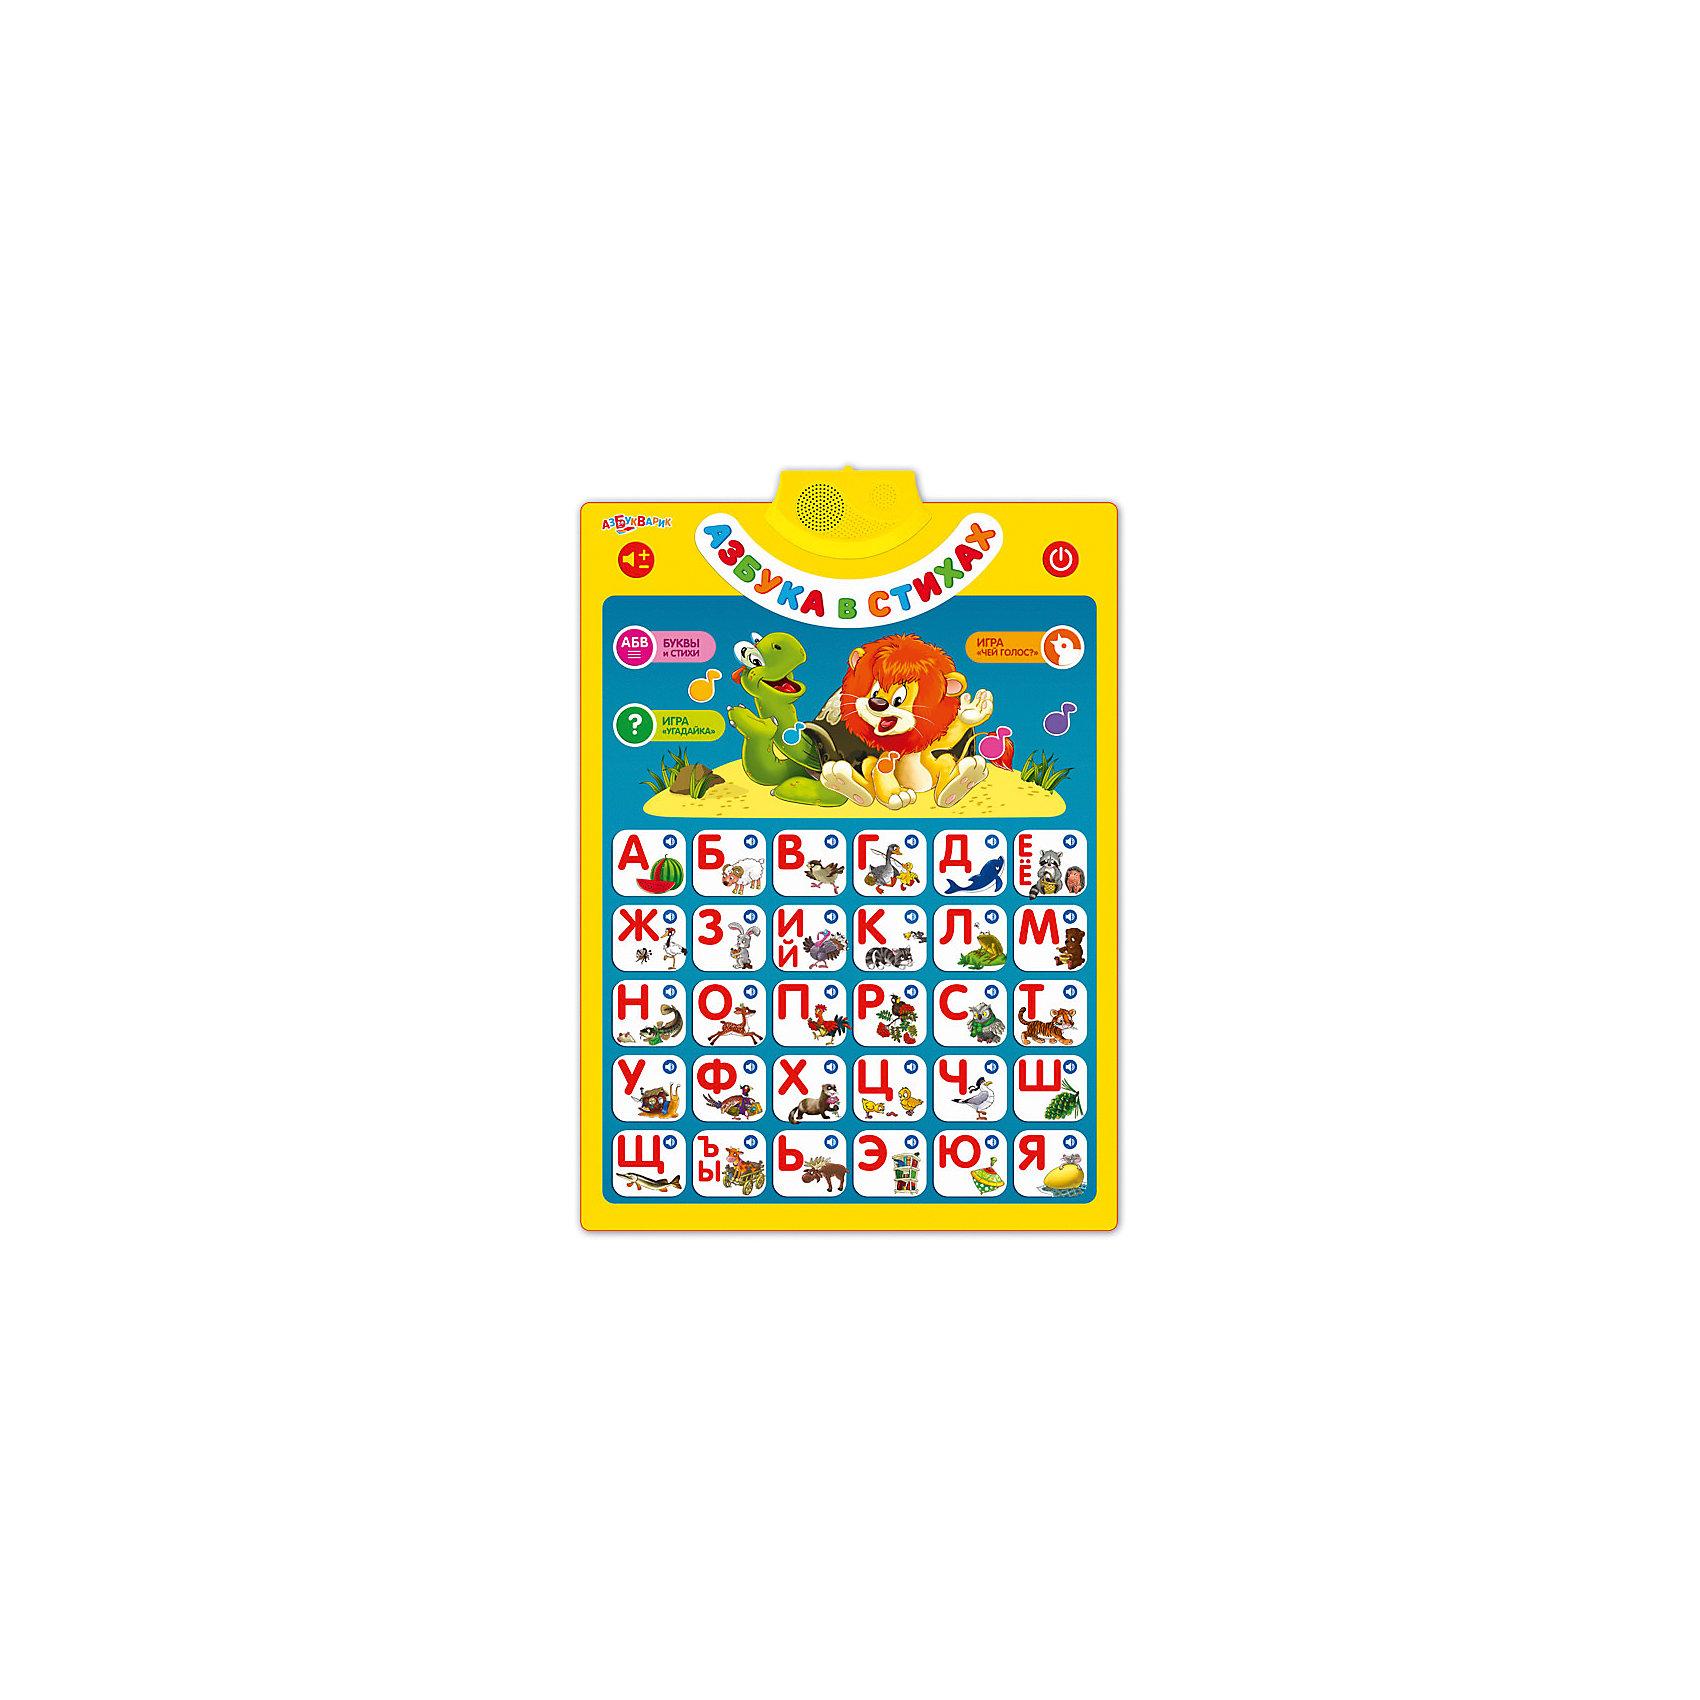 Говорящий плакат Азбука в стихах, АзбукварикЭлектронные плакаты<br><br><br>Ширина мм: 410<br>Глубина мм: 555<br>Высота мм: 100<br>Вес г: 275<br>Возраст от месяцев: 36<br>Возраст до месяцев: 60<br>Пол: Унисекс<br>Возраст: Детский<br>SKU: 7002178